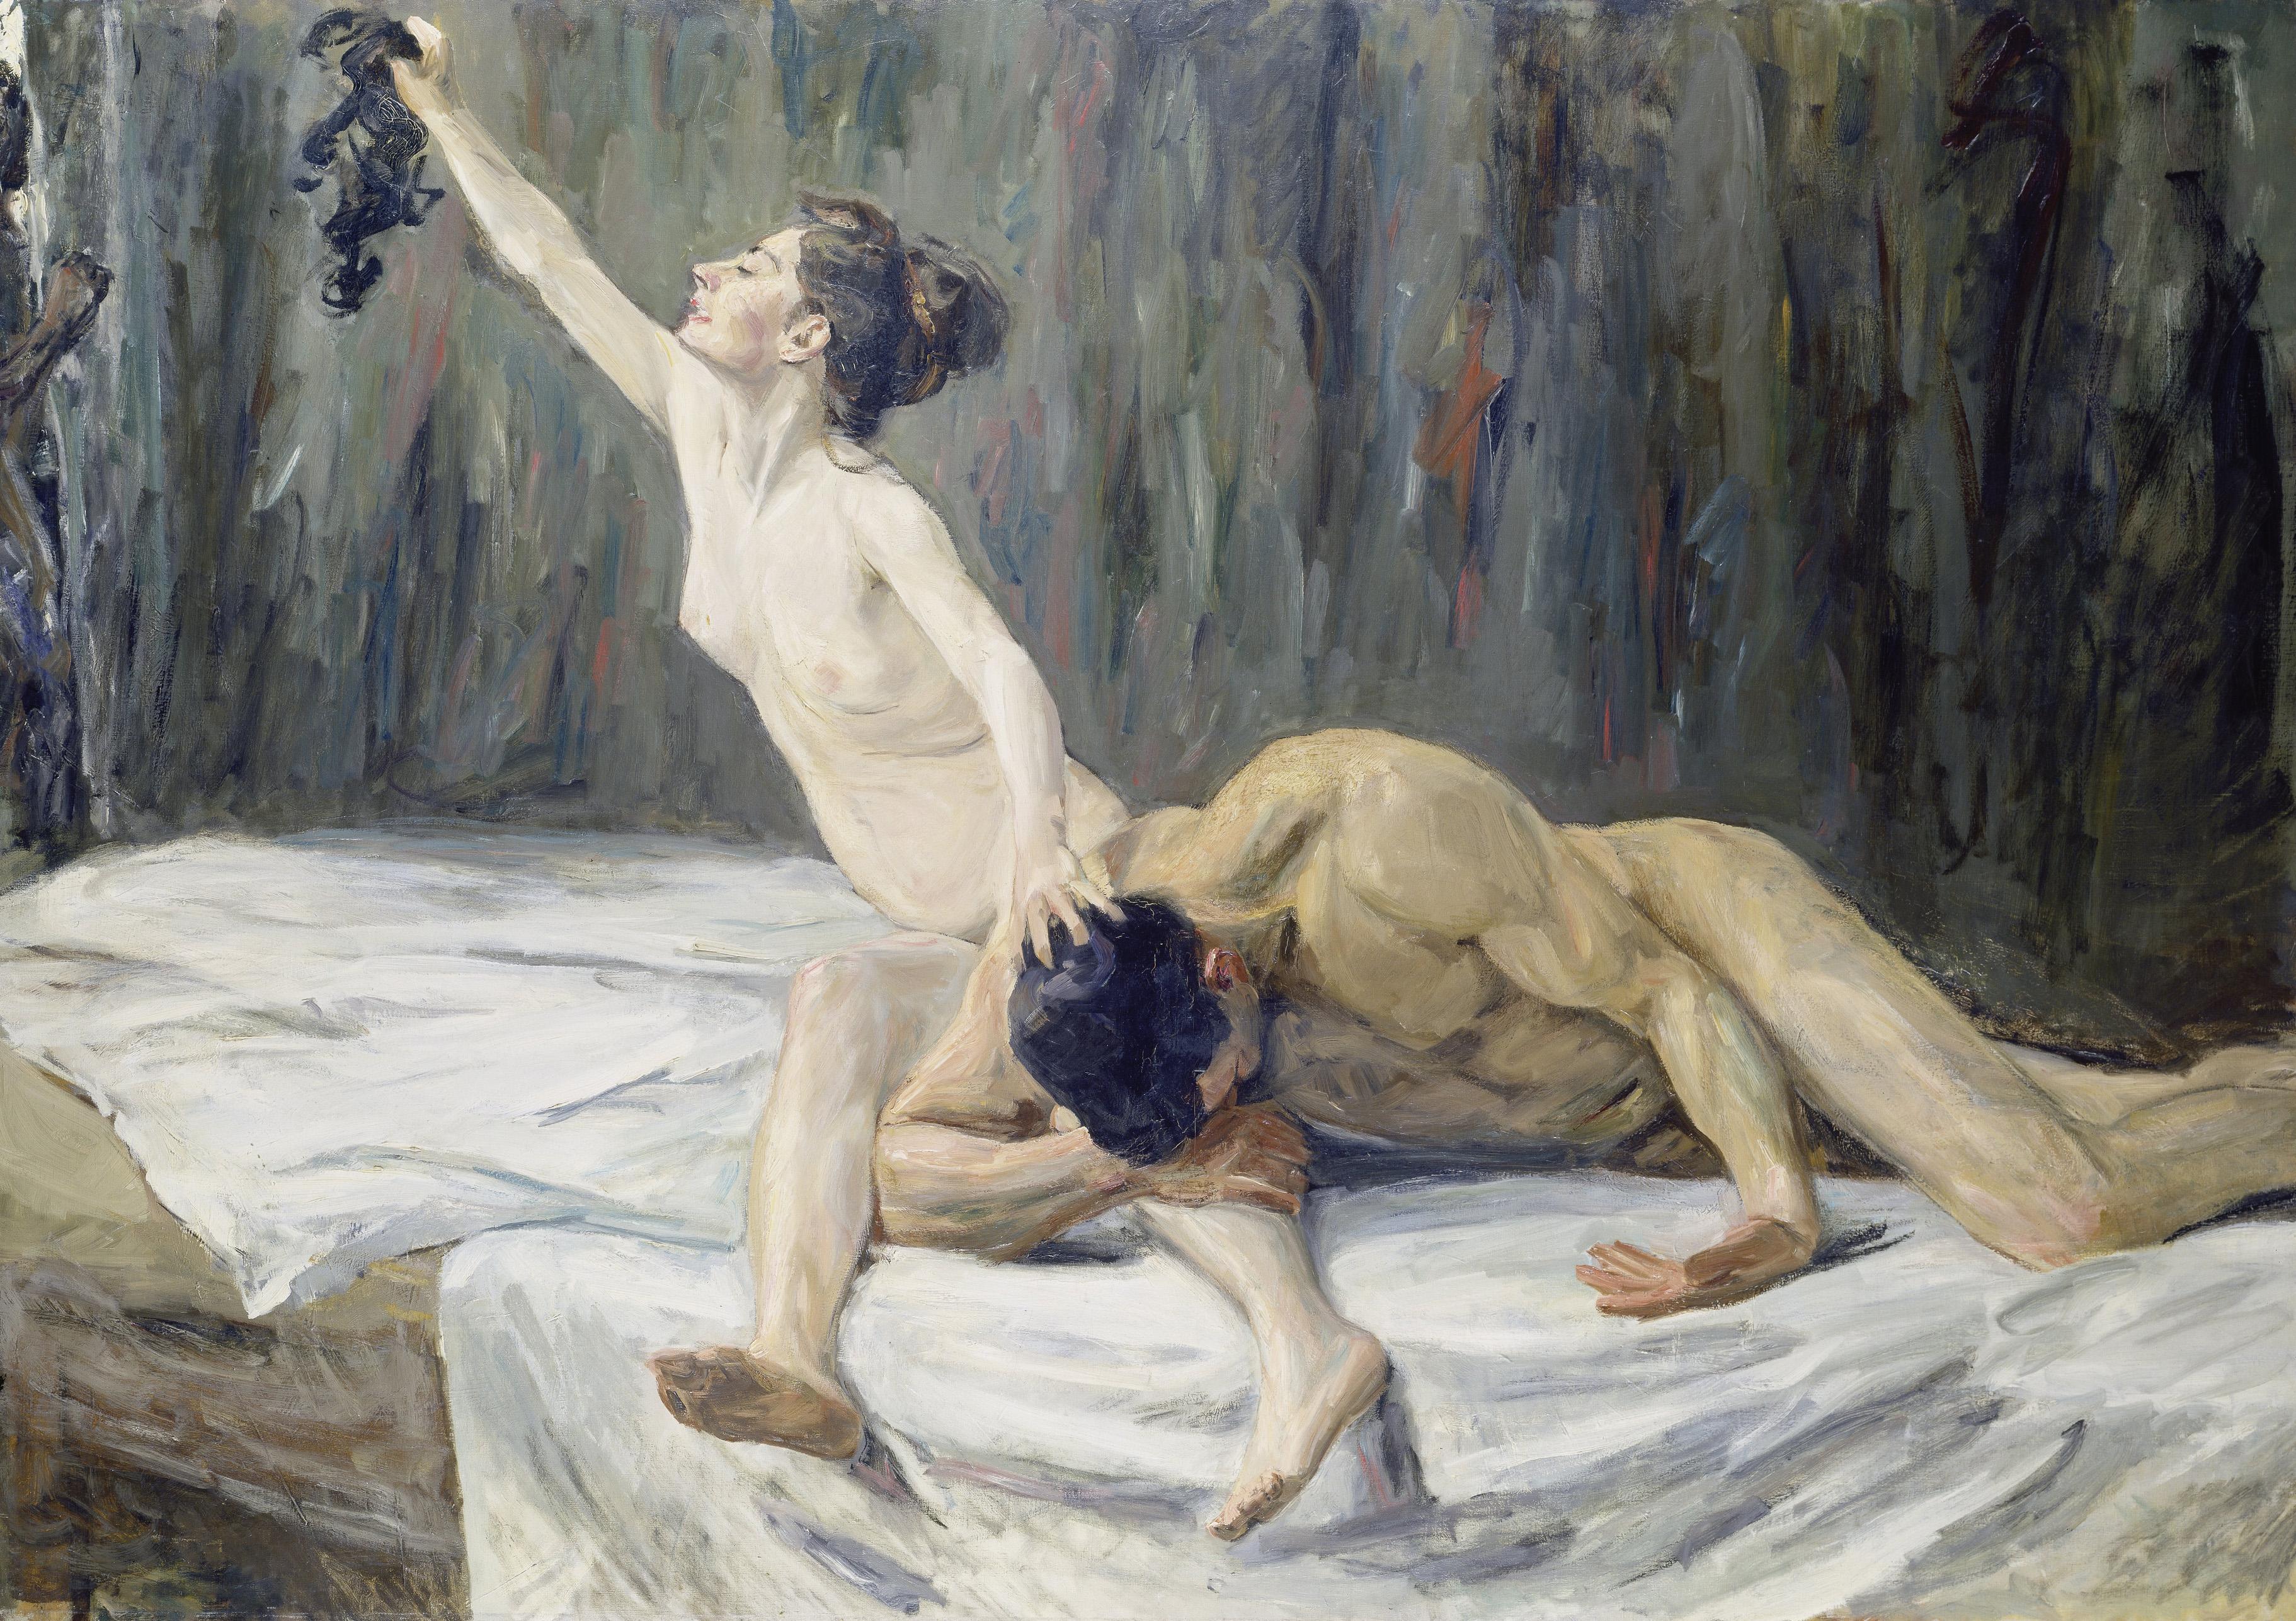 Max Liebermann (1847–1935) Simson und Delila, 1902 Öl auf Leinwand, 151,2 x 212 cm Städel Museum, Frankfurt am Main Foto: Städel Museum – ARTOTHEK